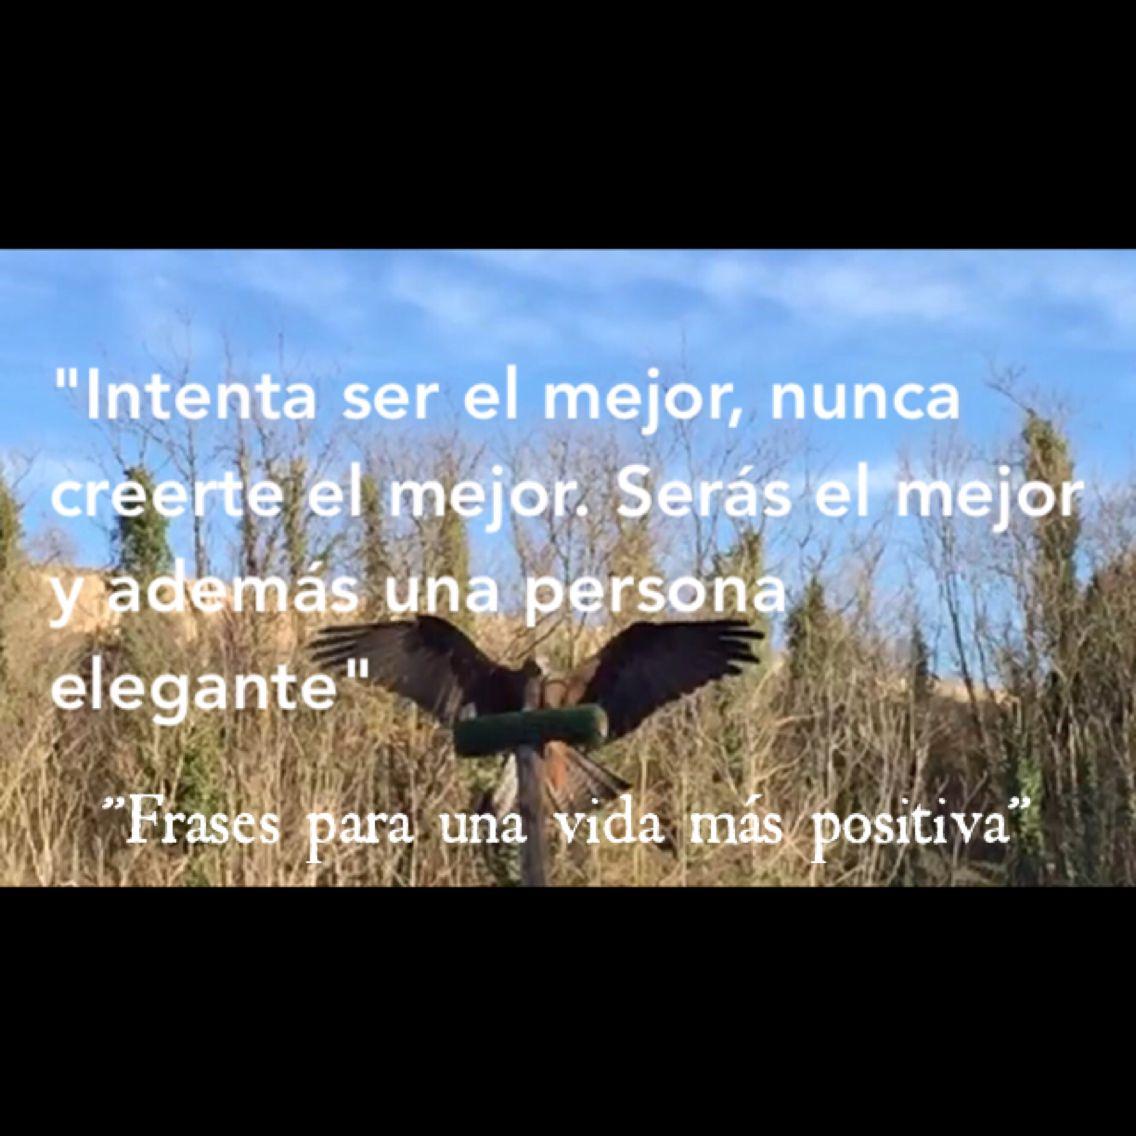 """""""Serás el mejor y además una persona elegante"""" #frases #frasespositivas #frasesparaunavidamaspositiva"""